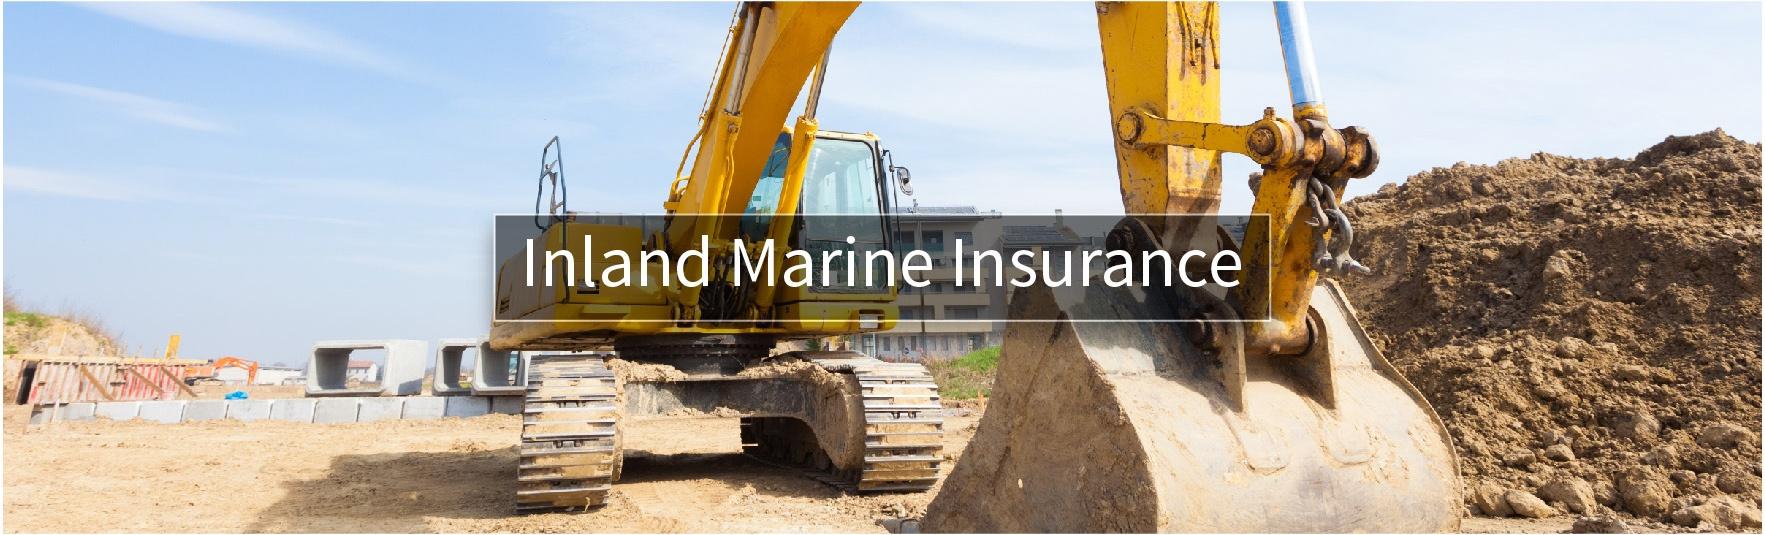 Inland Marine Insurance Massachuetts